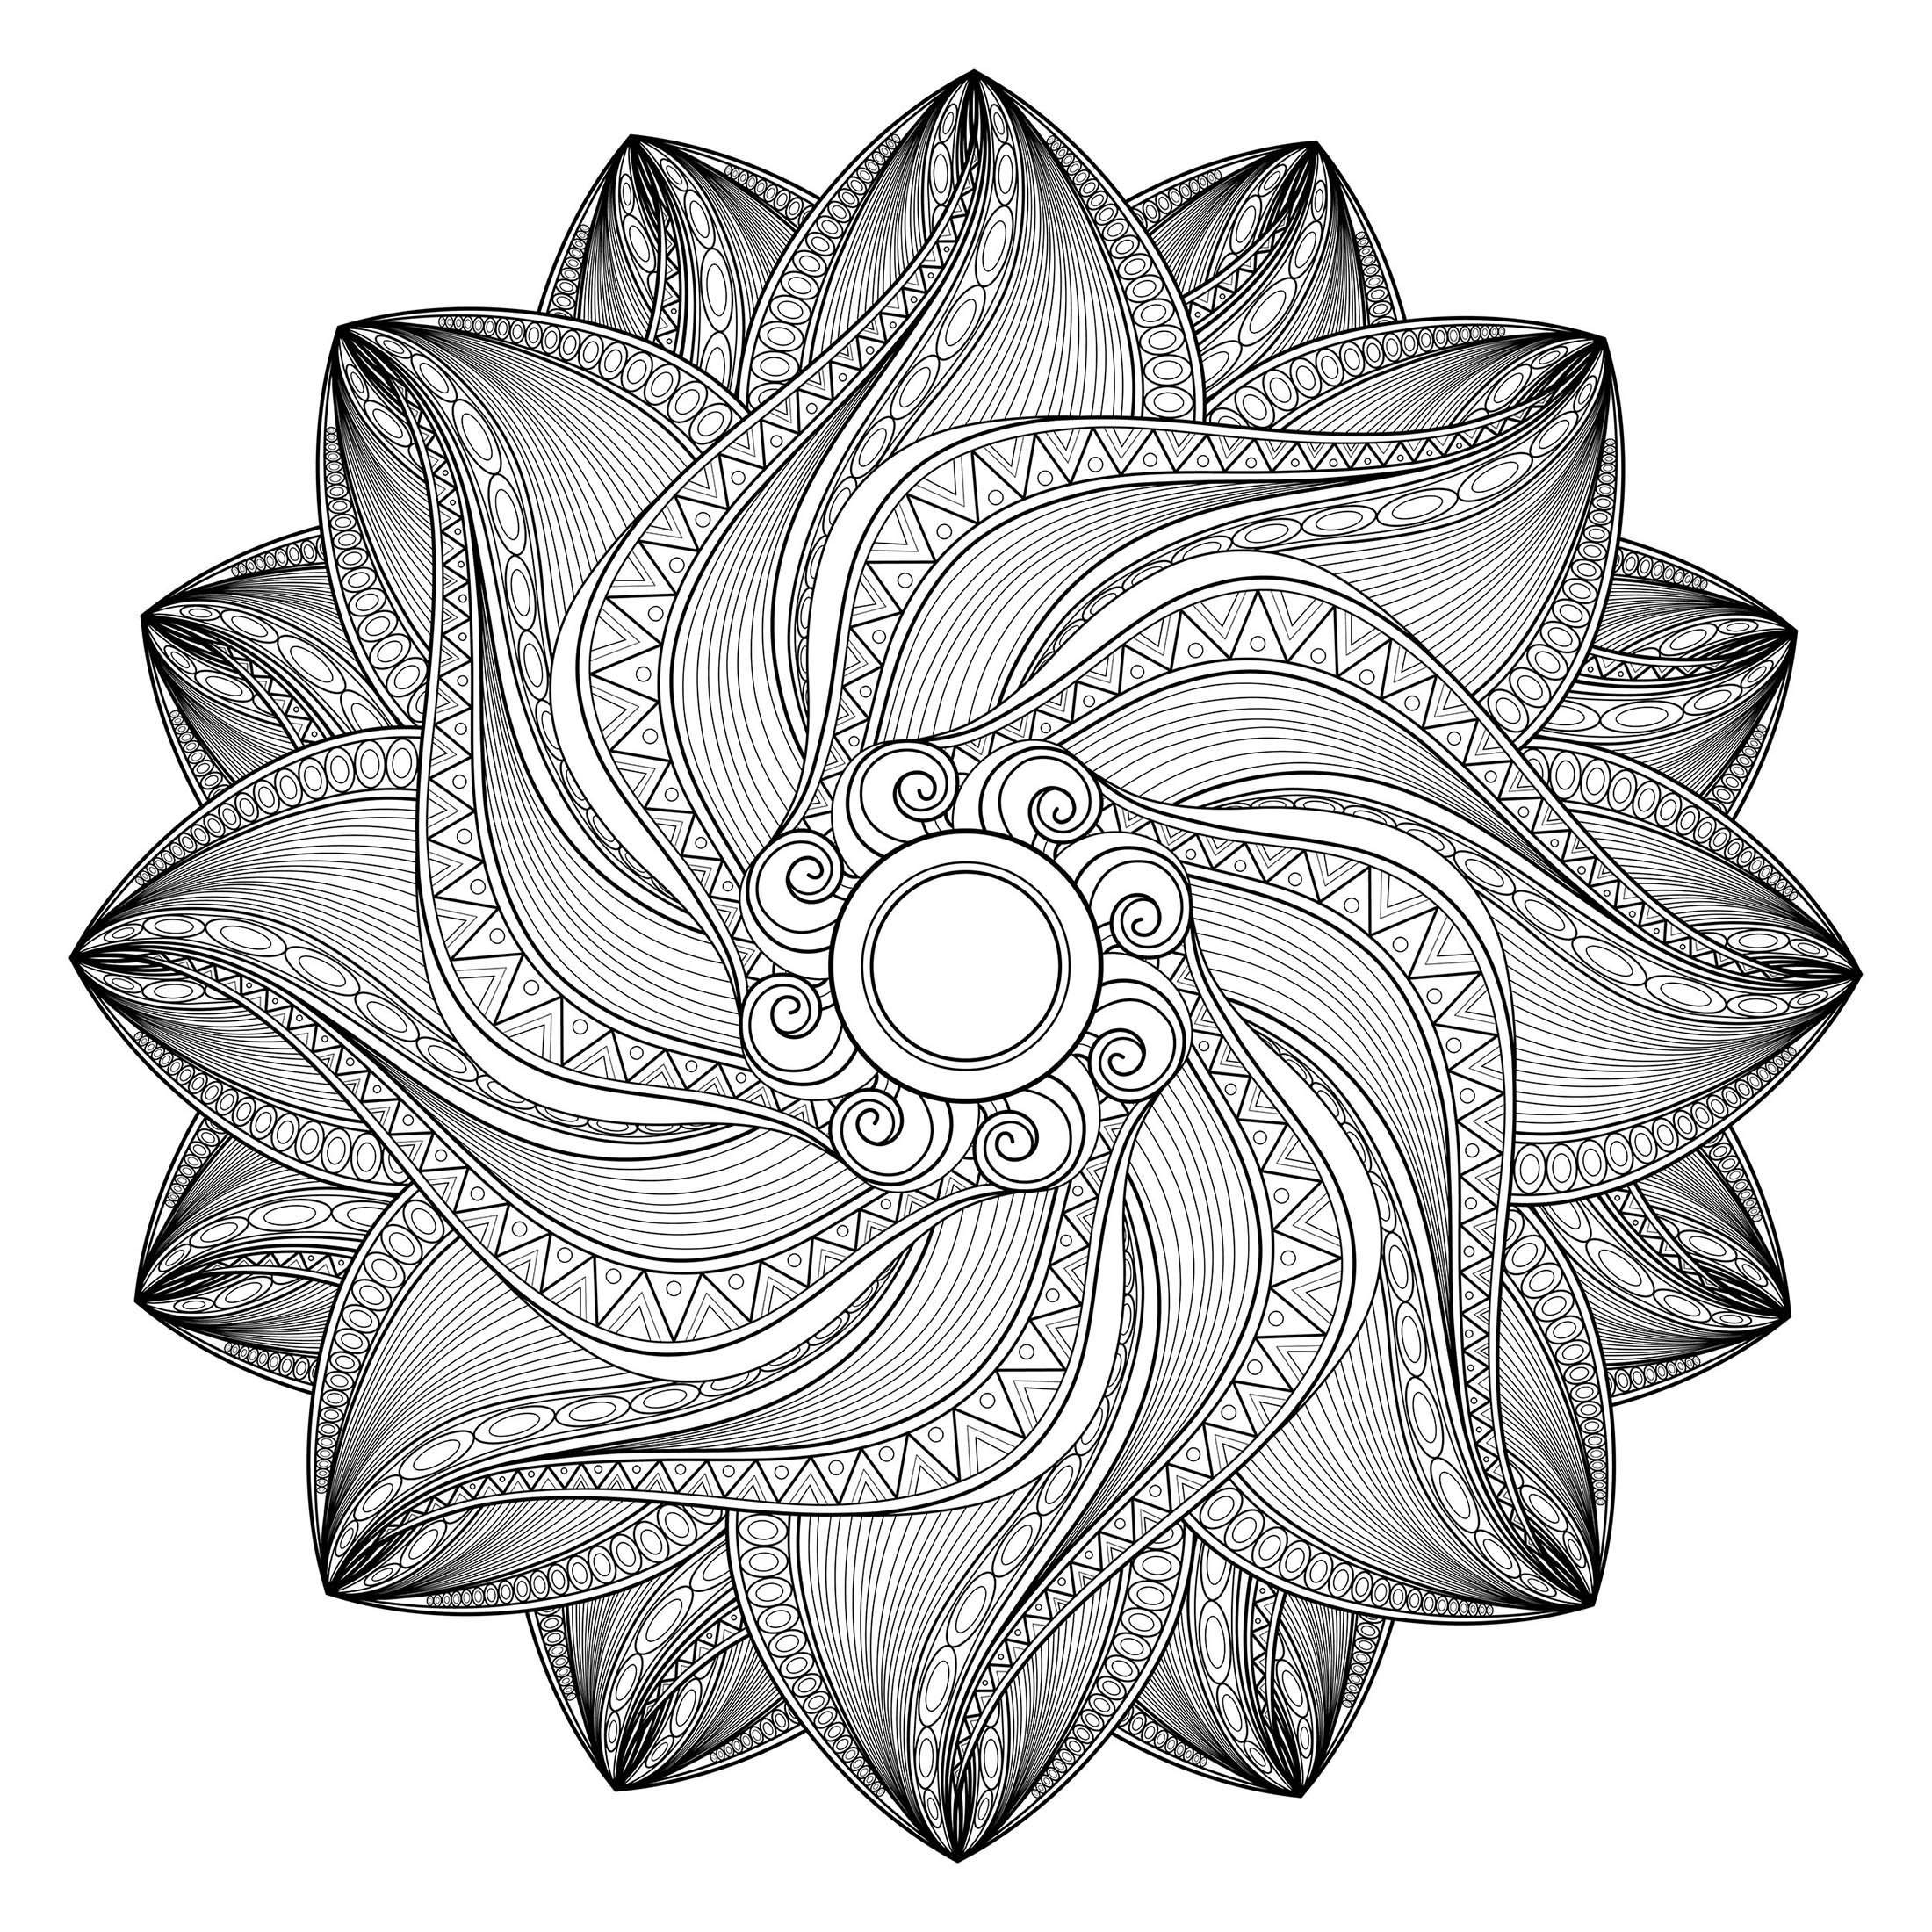 Mandala hypnotique - Mandalas - Coloriages difficiles pour adultes